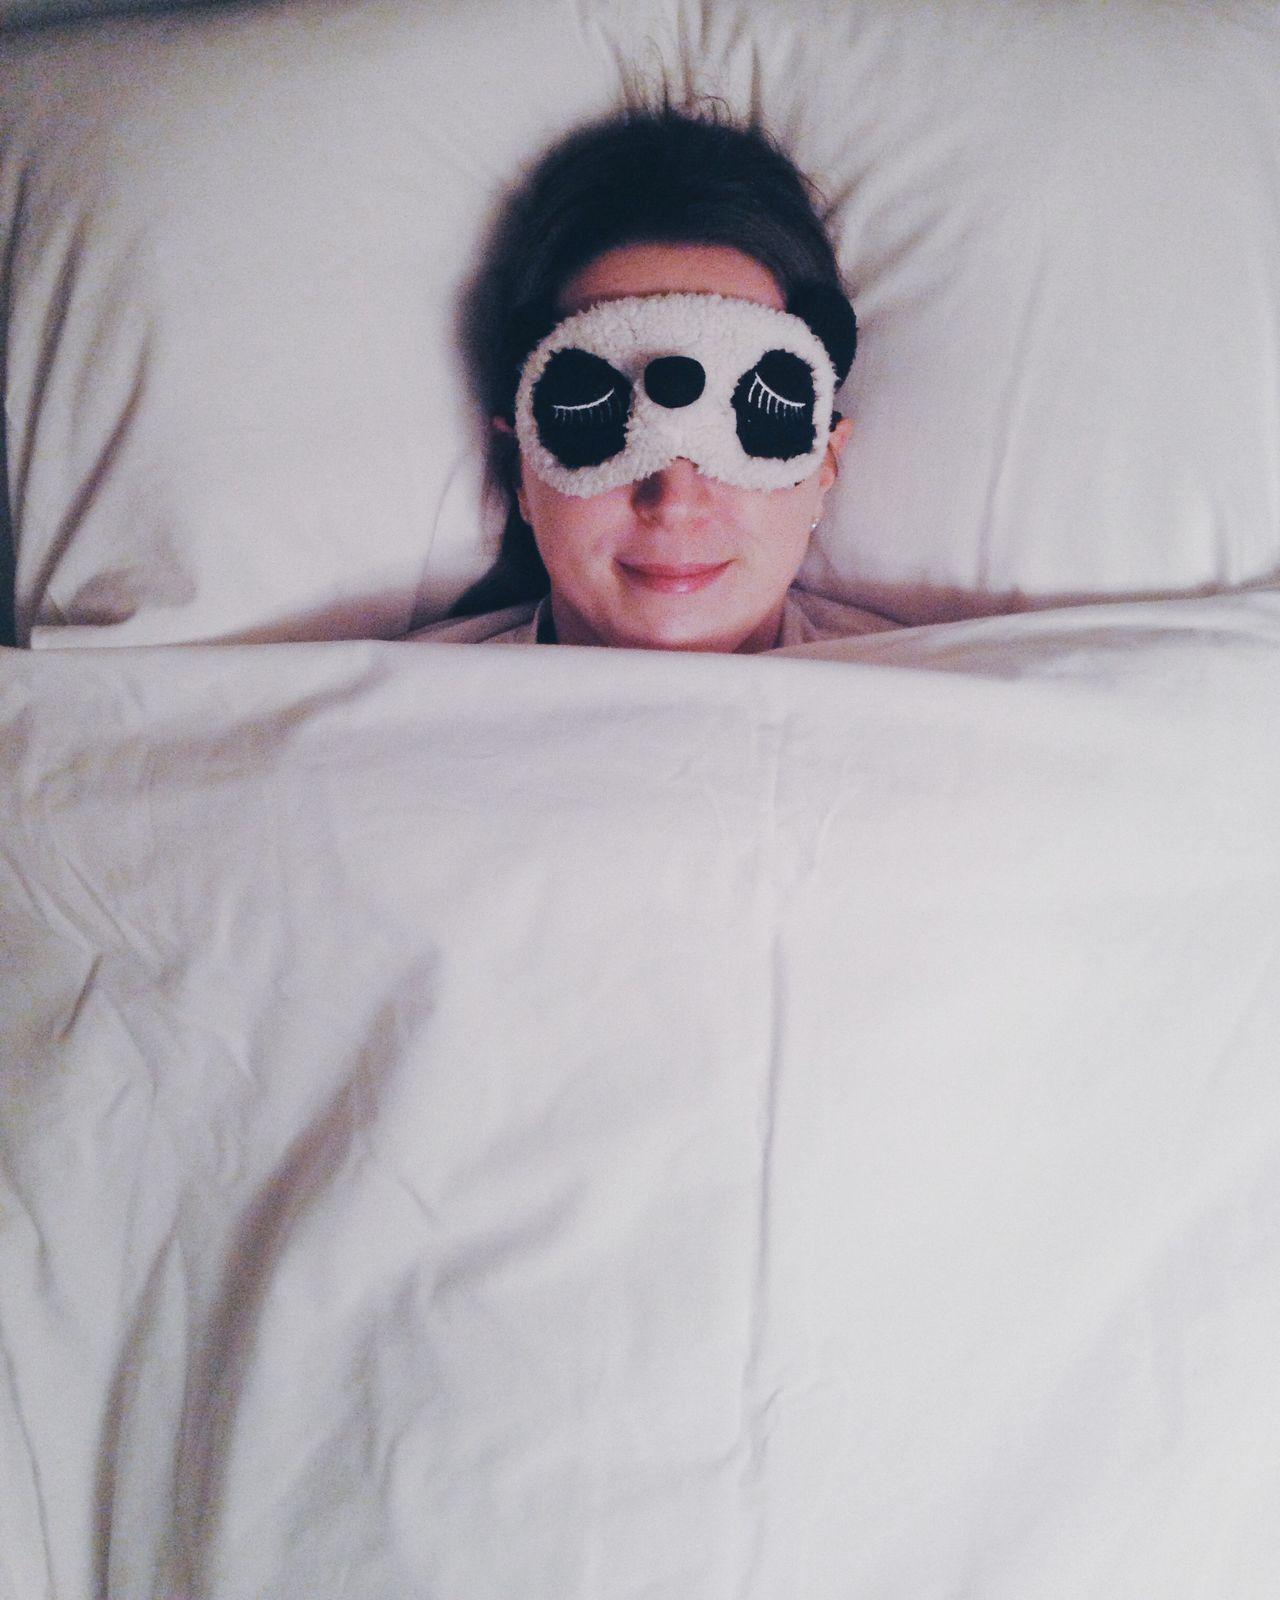 Bedtime Panda Mask Sleeping Beauty Everyday Joy